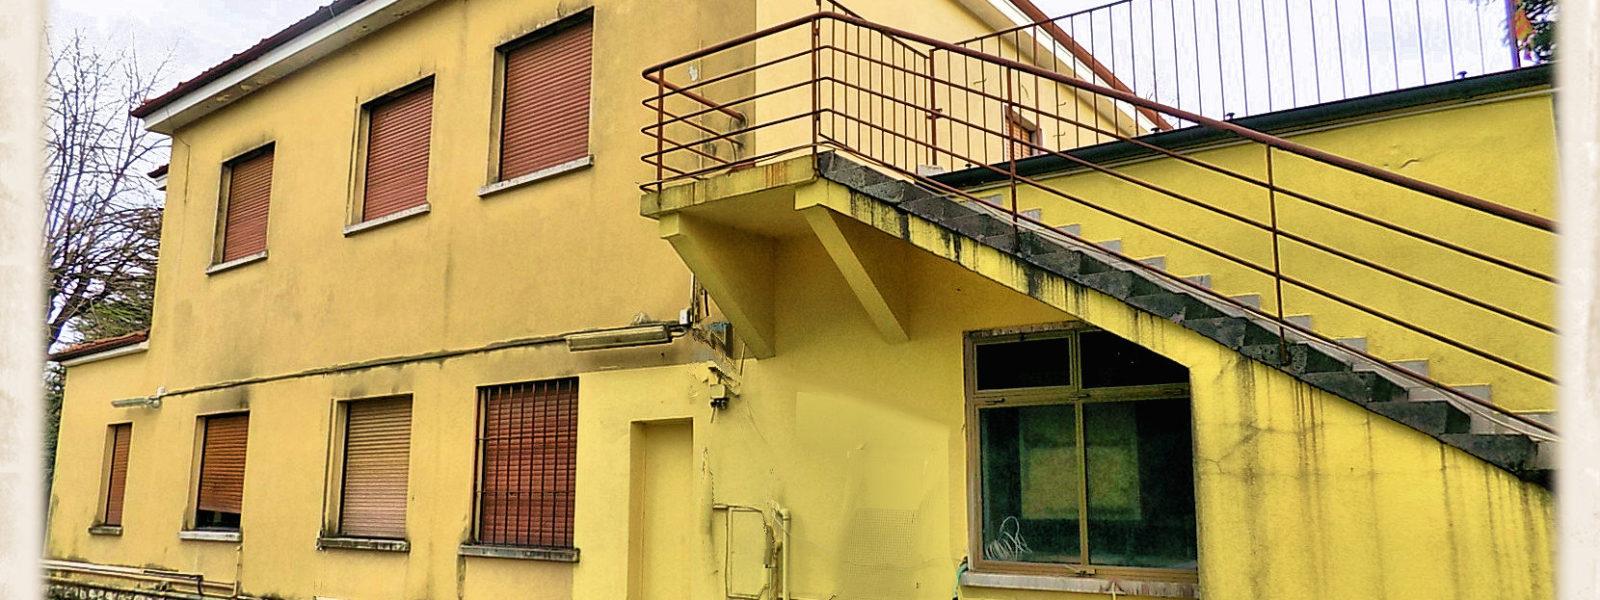 OPICINA – ALBERGO con parcheggio